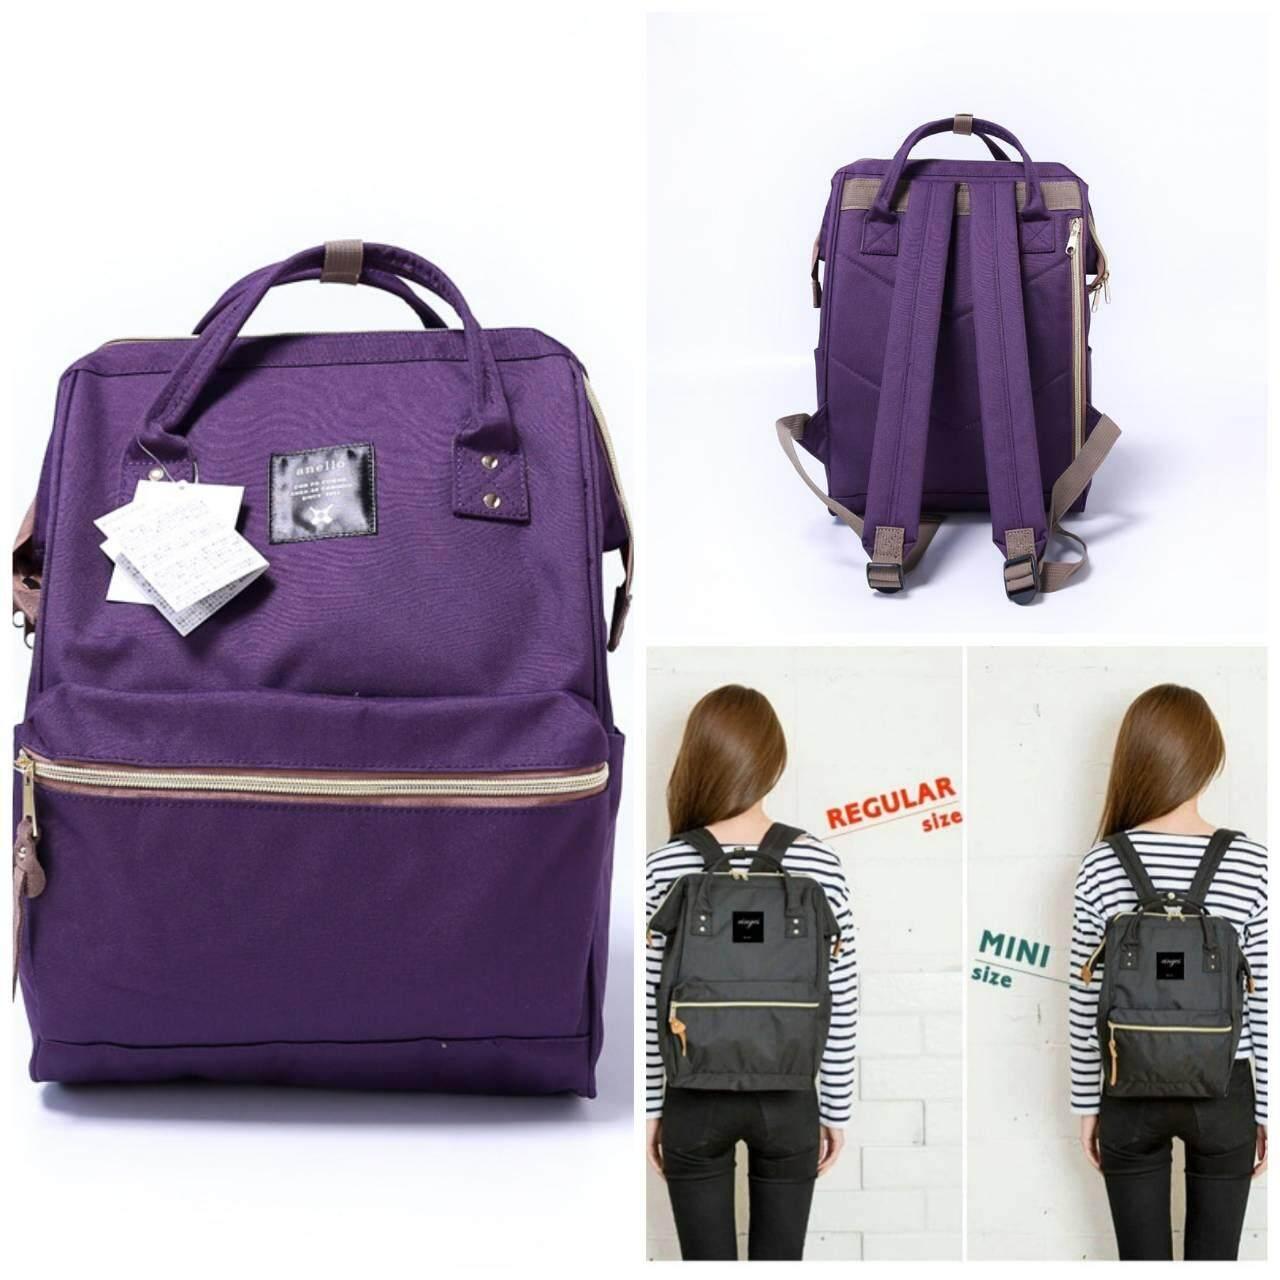 การใช้งาน  พิษณุโลก Anello Mini Backpack สีม่วง